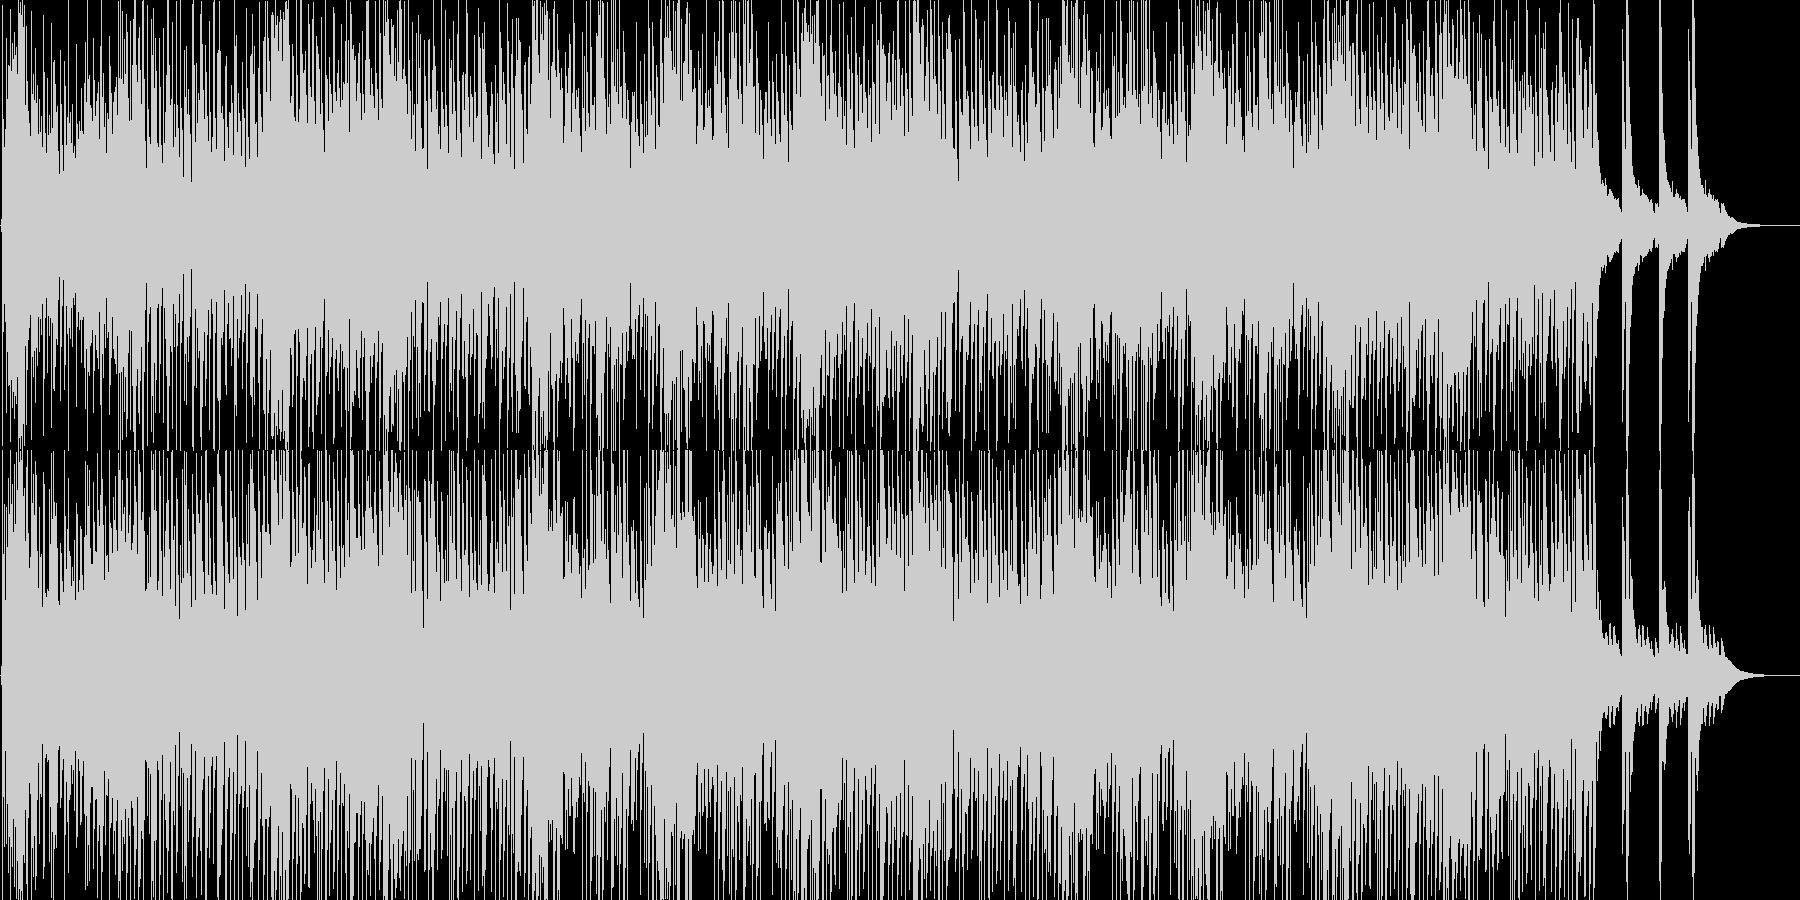 緊迫感・和風・ゲーム・映像用の未再生の波形